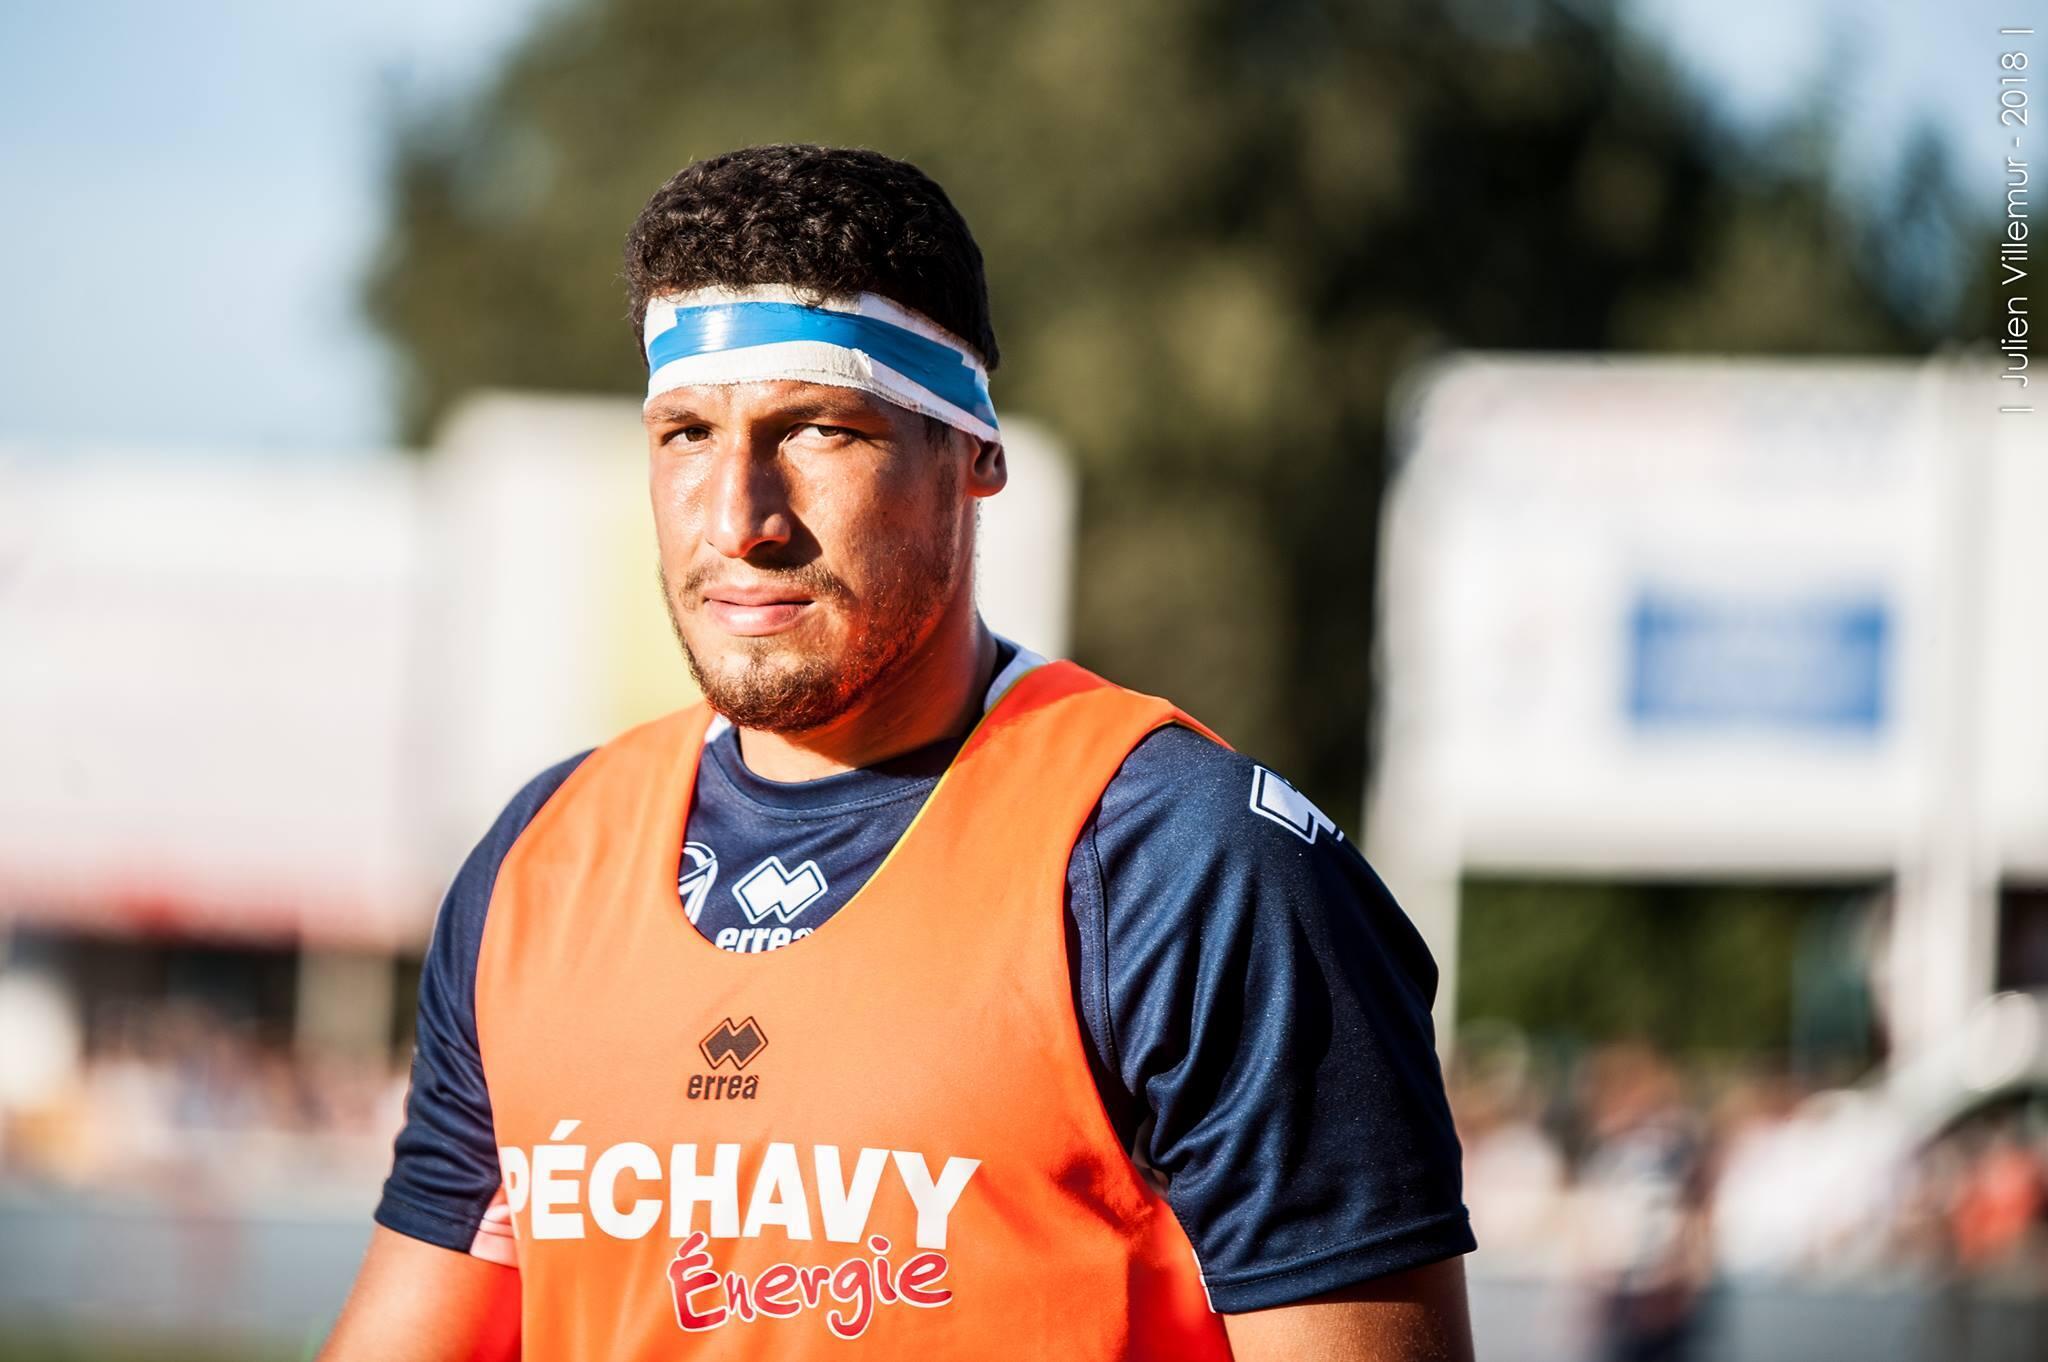 Andrés Zafra, rugbyman colombiano en el Sporting Union Agenais, club que compite en el Top 14 - Francia